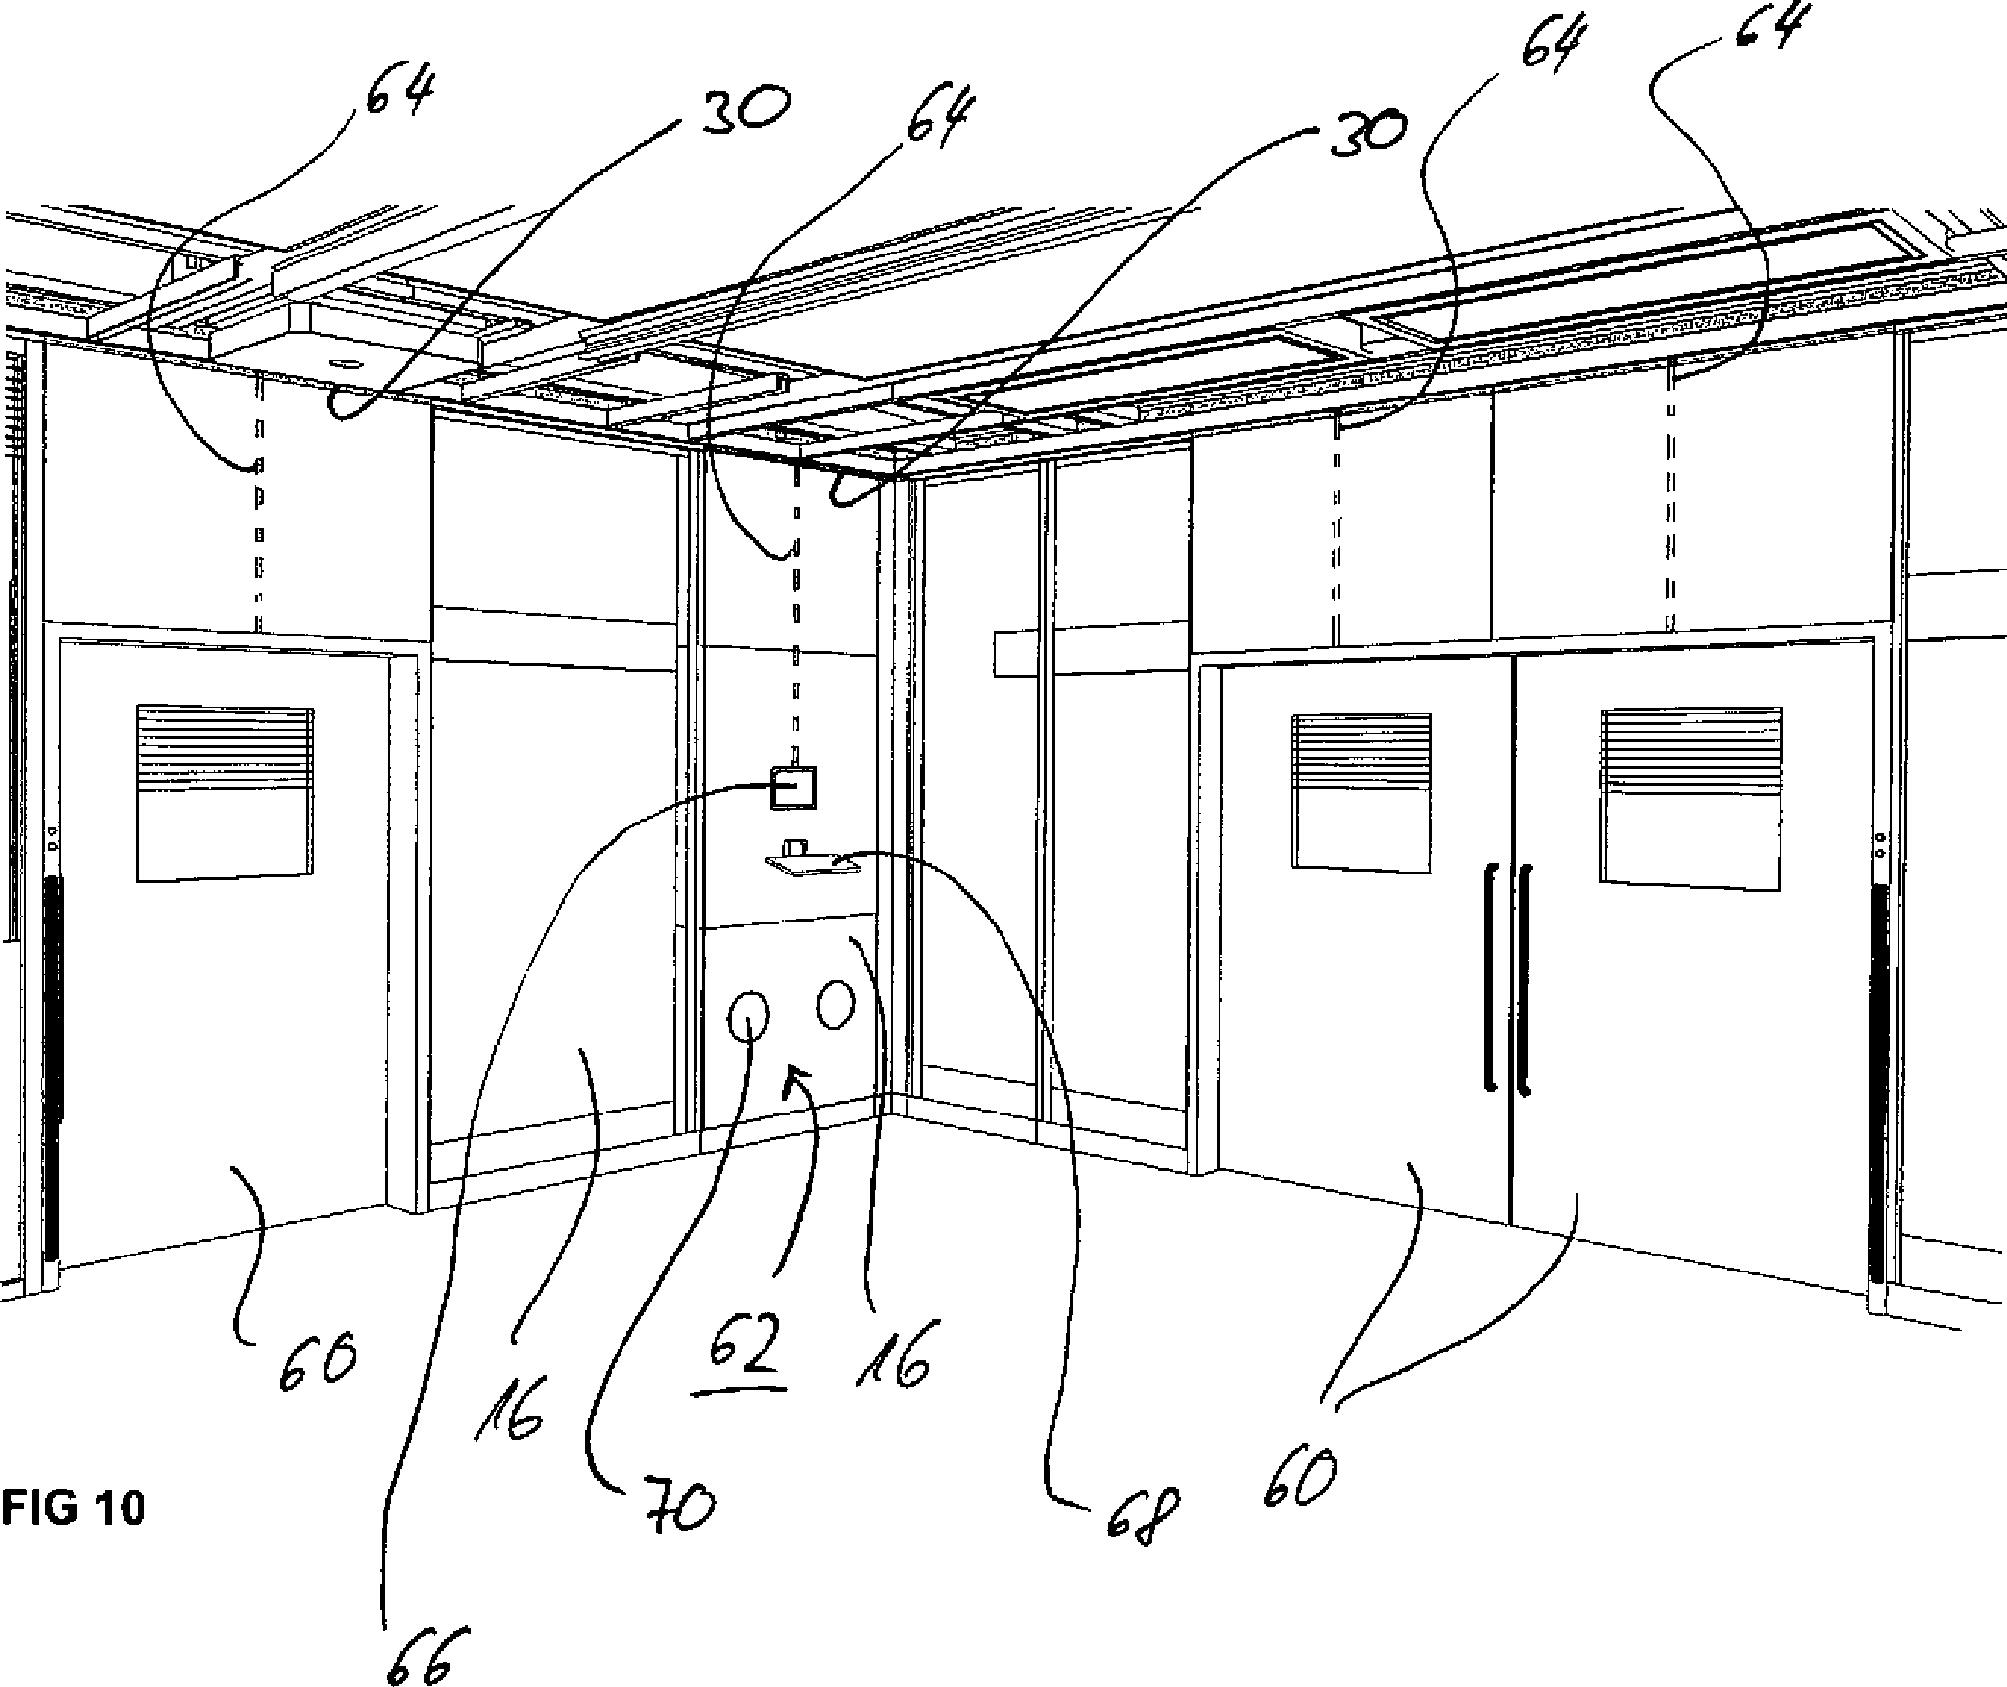 patent de202012003175u1 modularer raum in ger stbauweise insbesondere ein operationsraum im. Black Bedroom Furniture Sets. Home Design Ideas